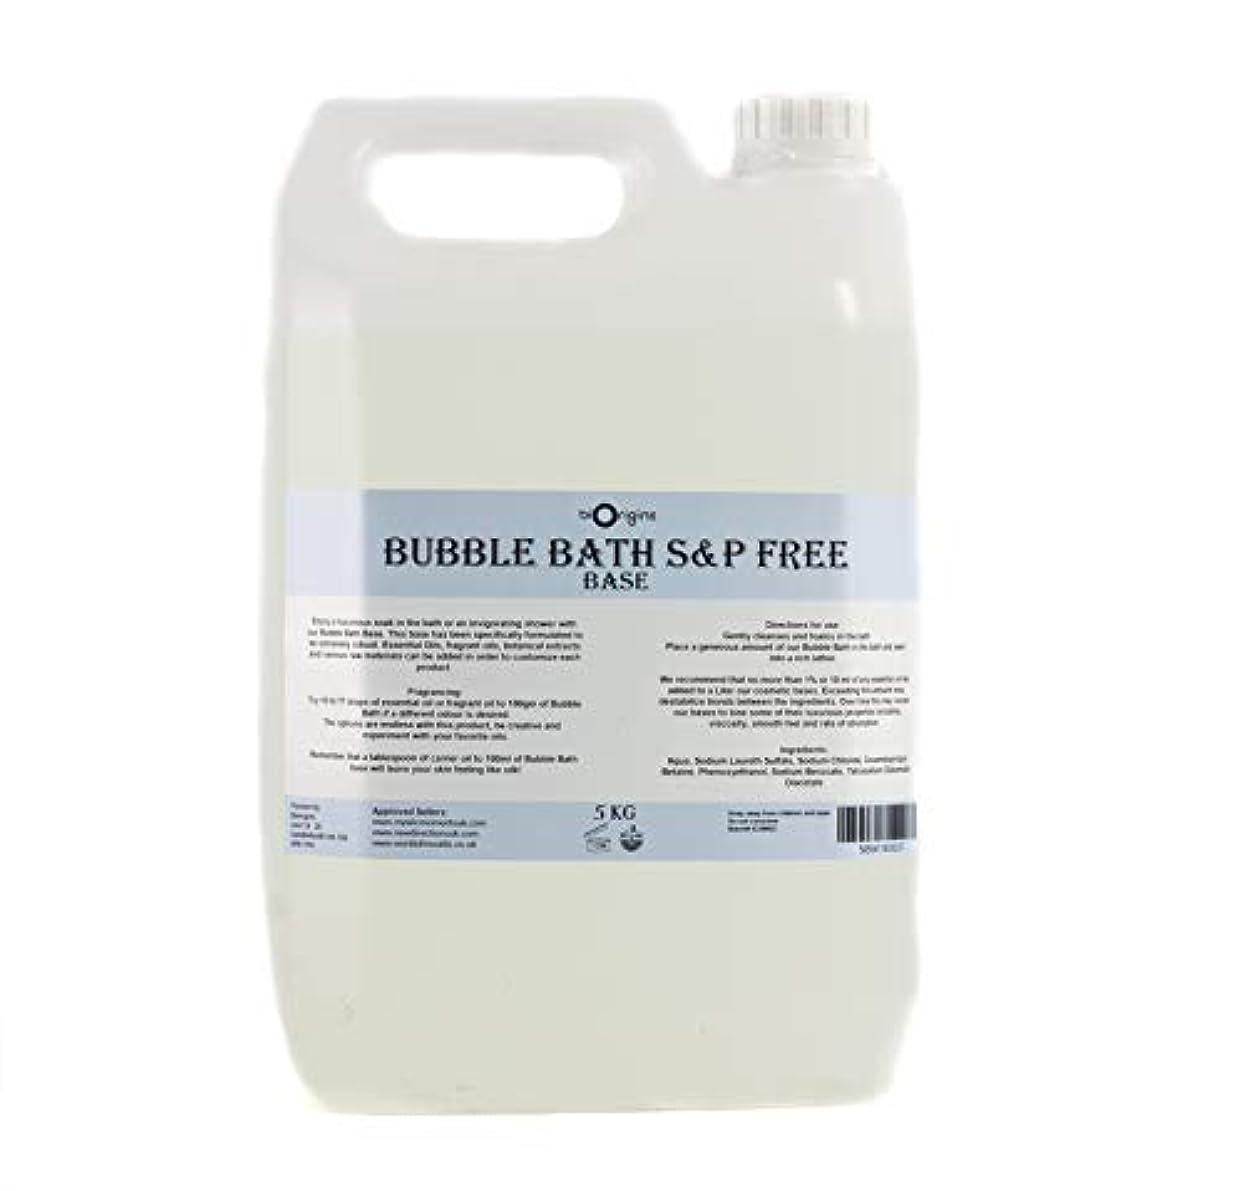 囚人最大限割れ目Bubble Bath Base - SLS & Paraben Free - 5Kg